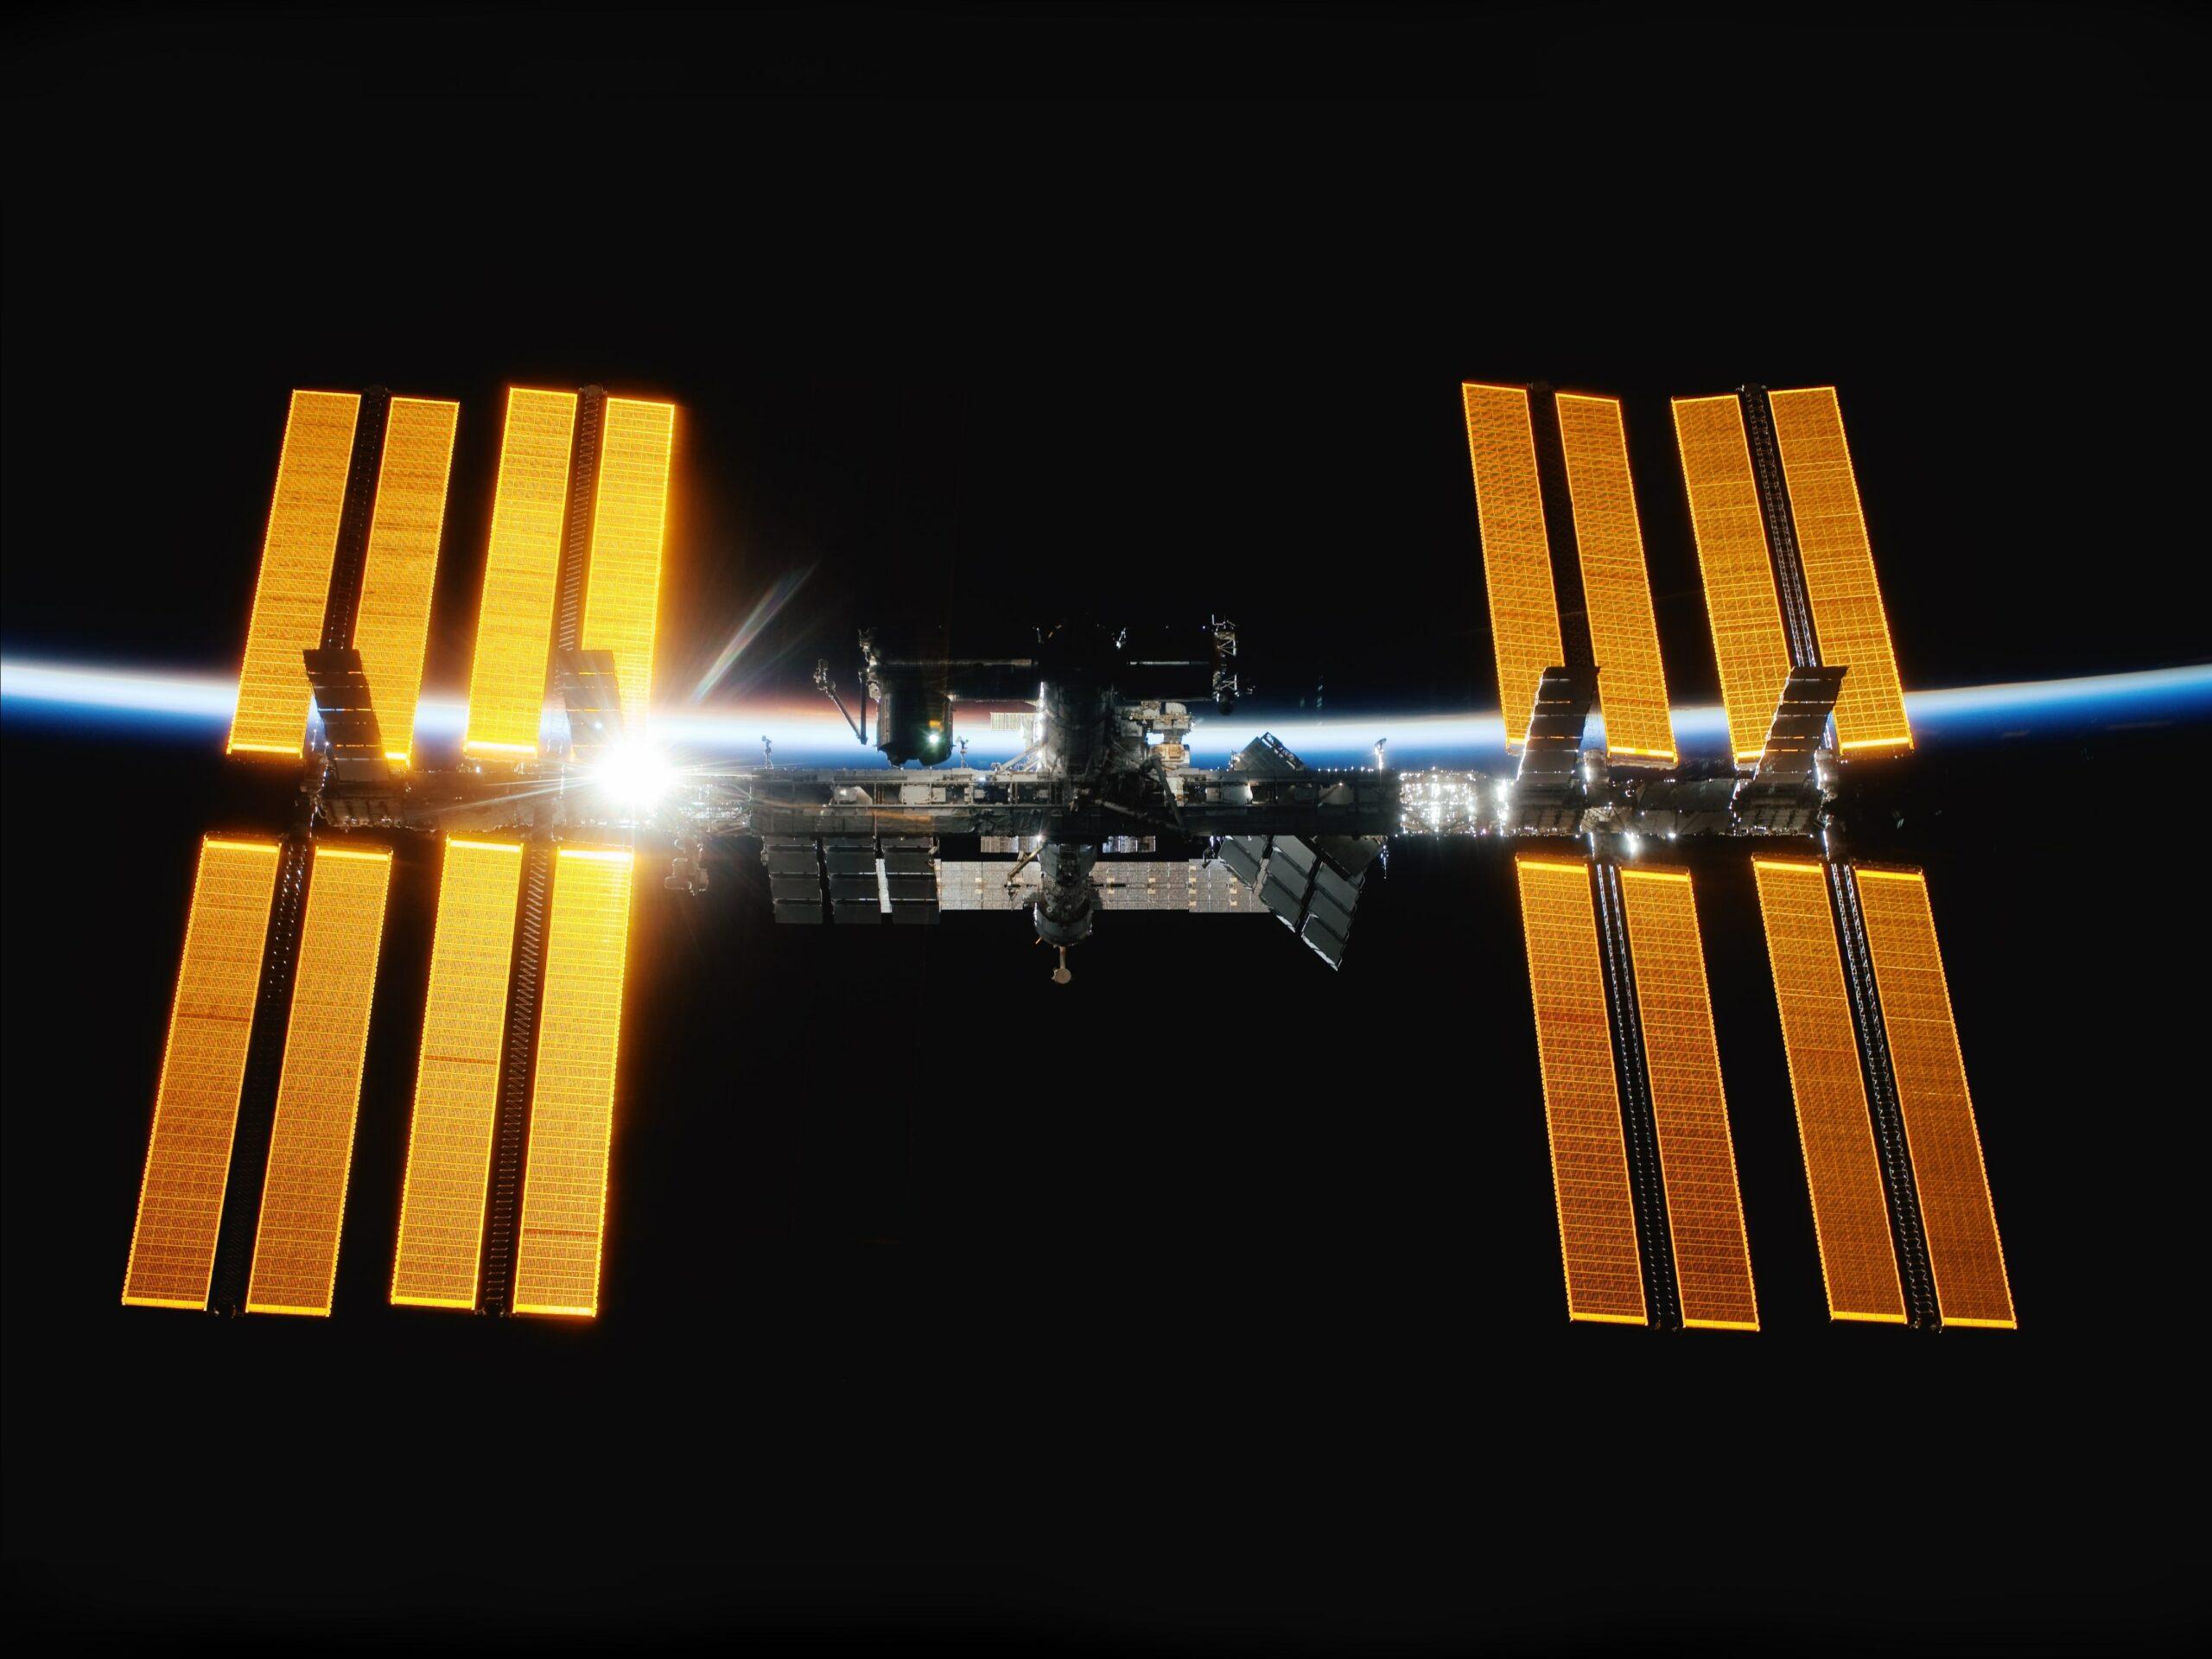 """In rund acht Wochen ist es so weit: Der deutsche Astronaut Matthias Maurer wird an Bord einer SpaceX-Raumkapsel zur ISS fliegen. Seine erste ISS-Mission trägt den Namen """"Cosmic Kiss"""". 36 Experimente aus Deutschland sind für seine Mission vorgesehen. Eines davon ist Wireless Compose-2 (WICO2), geplant und vorbereitet vom Deutschen Zentrum für Luft- und Raumfahrt (DLR) sowie seinen Kooperationspartnern DSI Aerospace Technology, Hohenstein Laboratories und der Universität Bielefeld."""